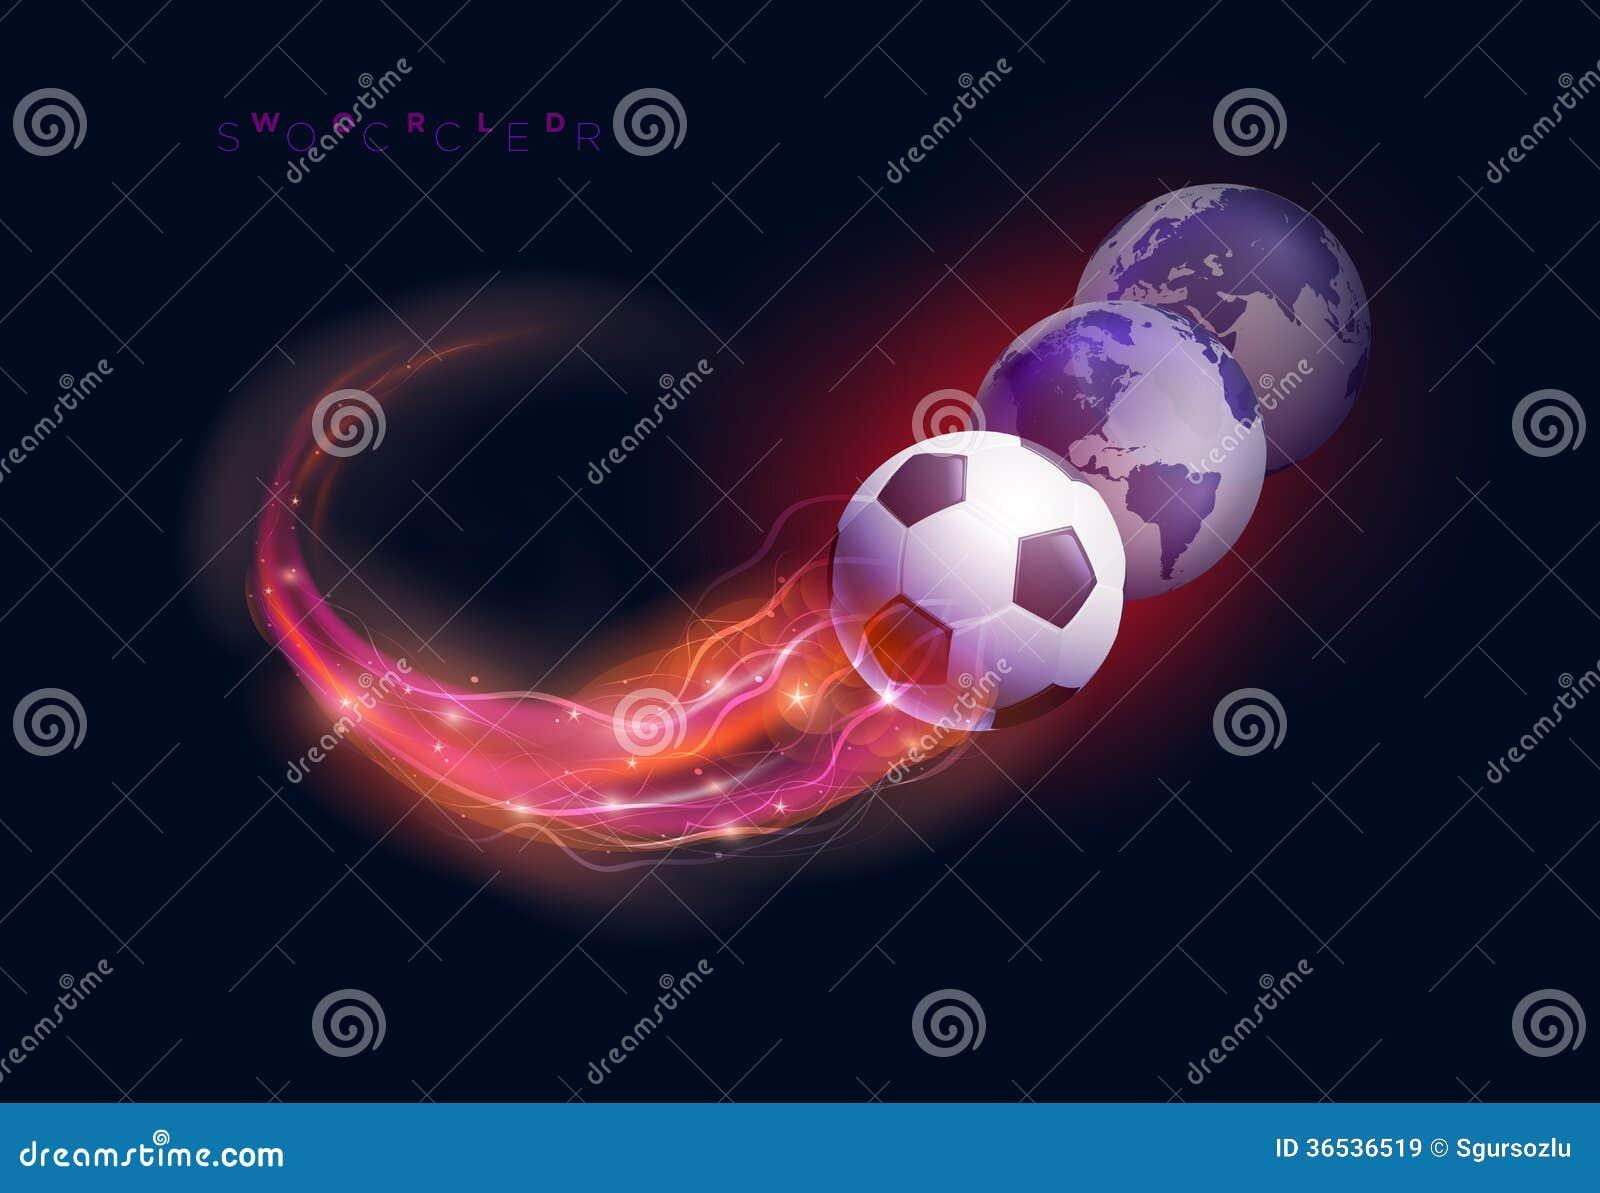 Σφαίρες σφαιρών και κόσμων ποδοσφαίρου